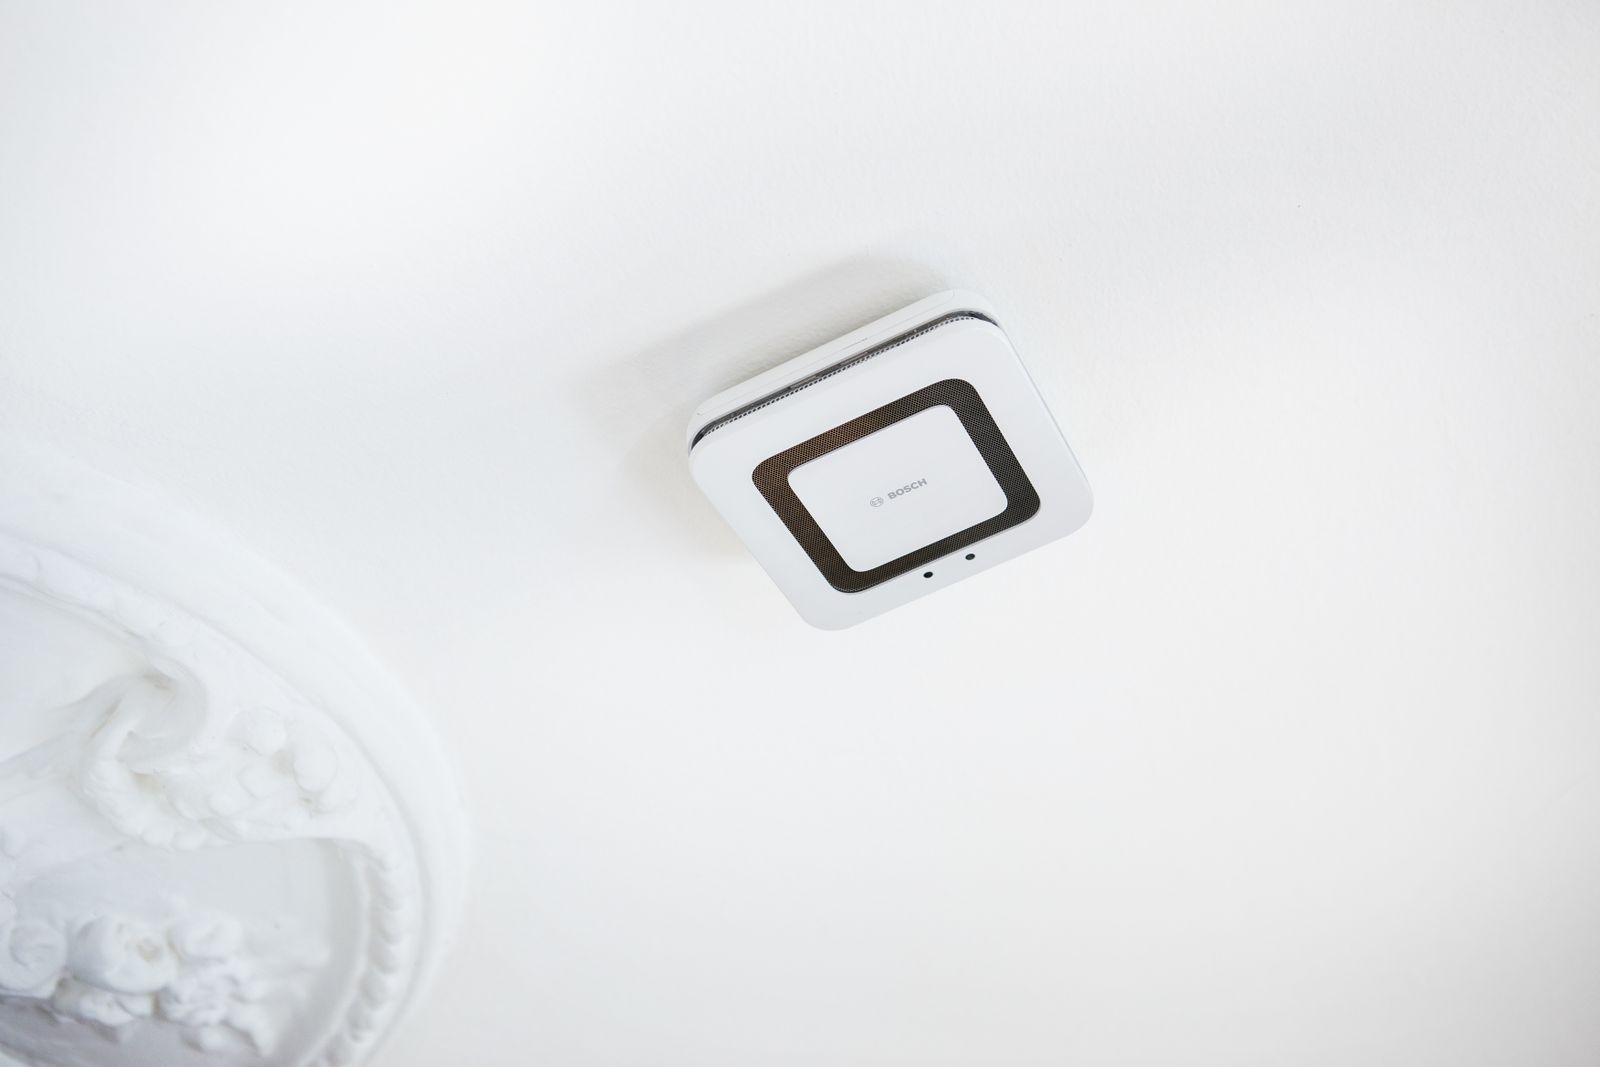 Bosch CES 2021